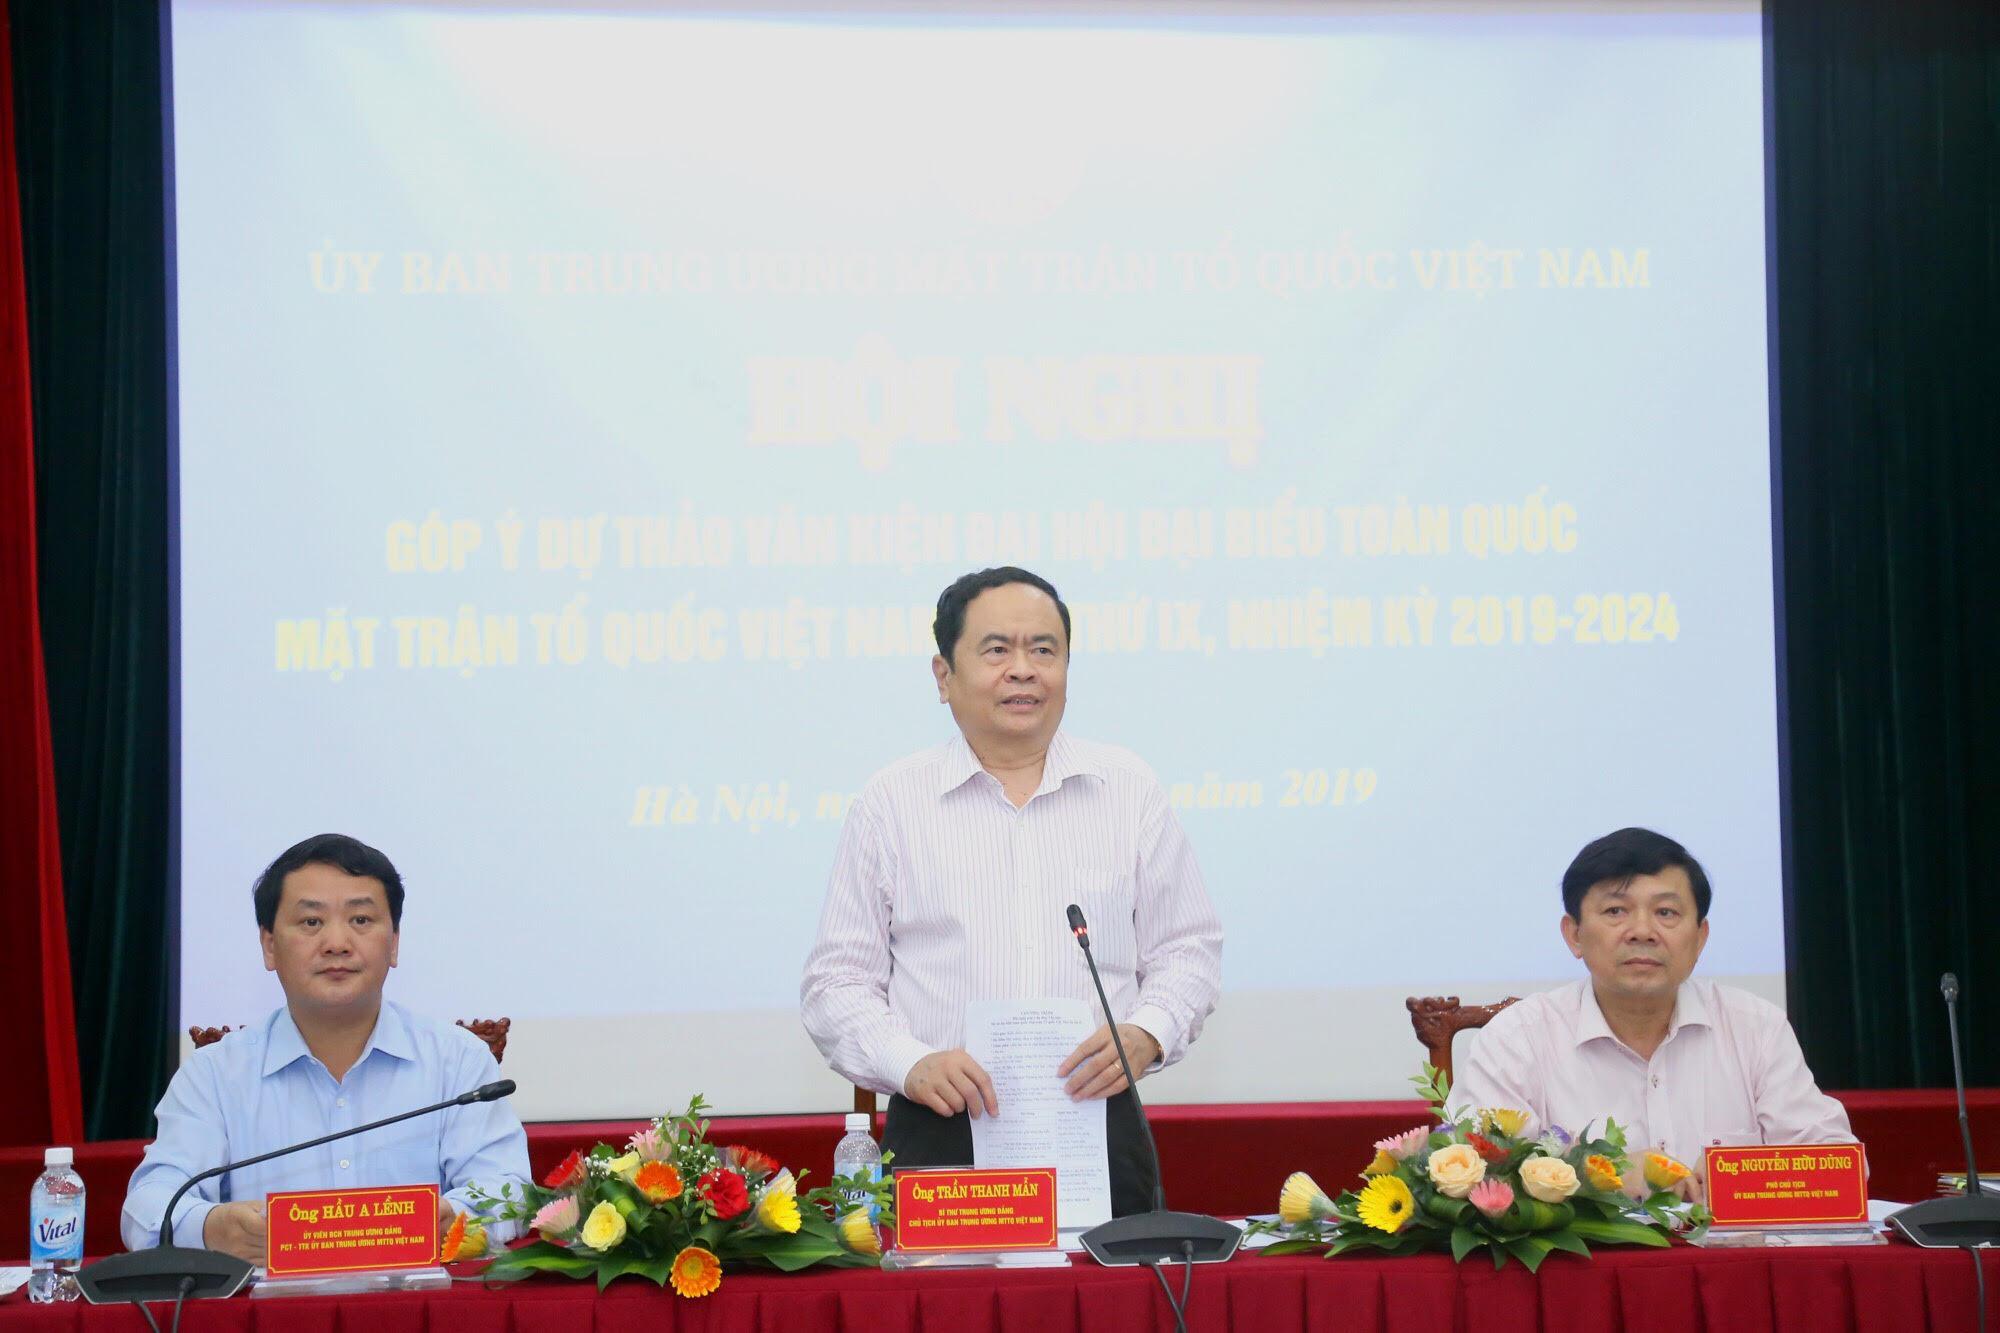 Khẳng định vai trò hiệp thương của Mặt trận các cấp với các tổ chức thành viên